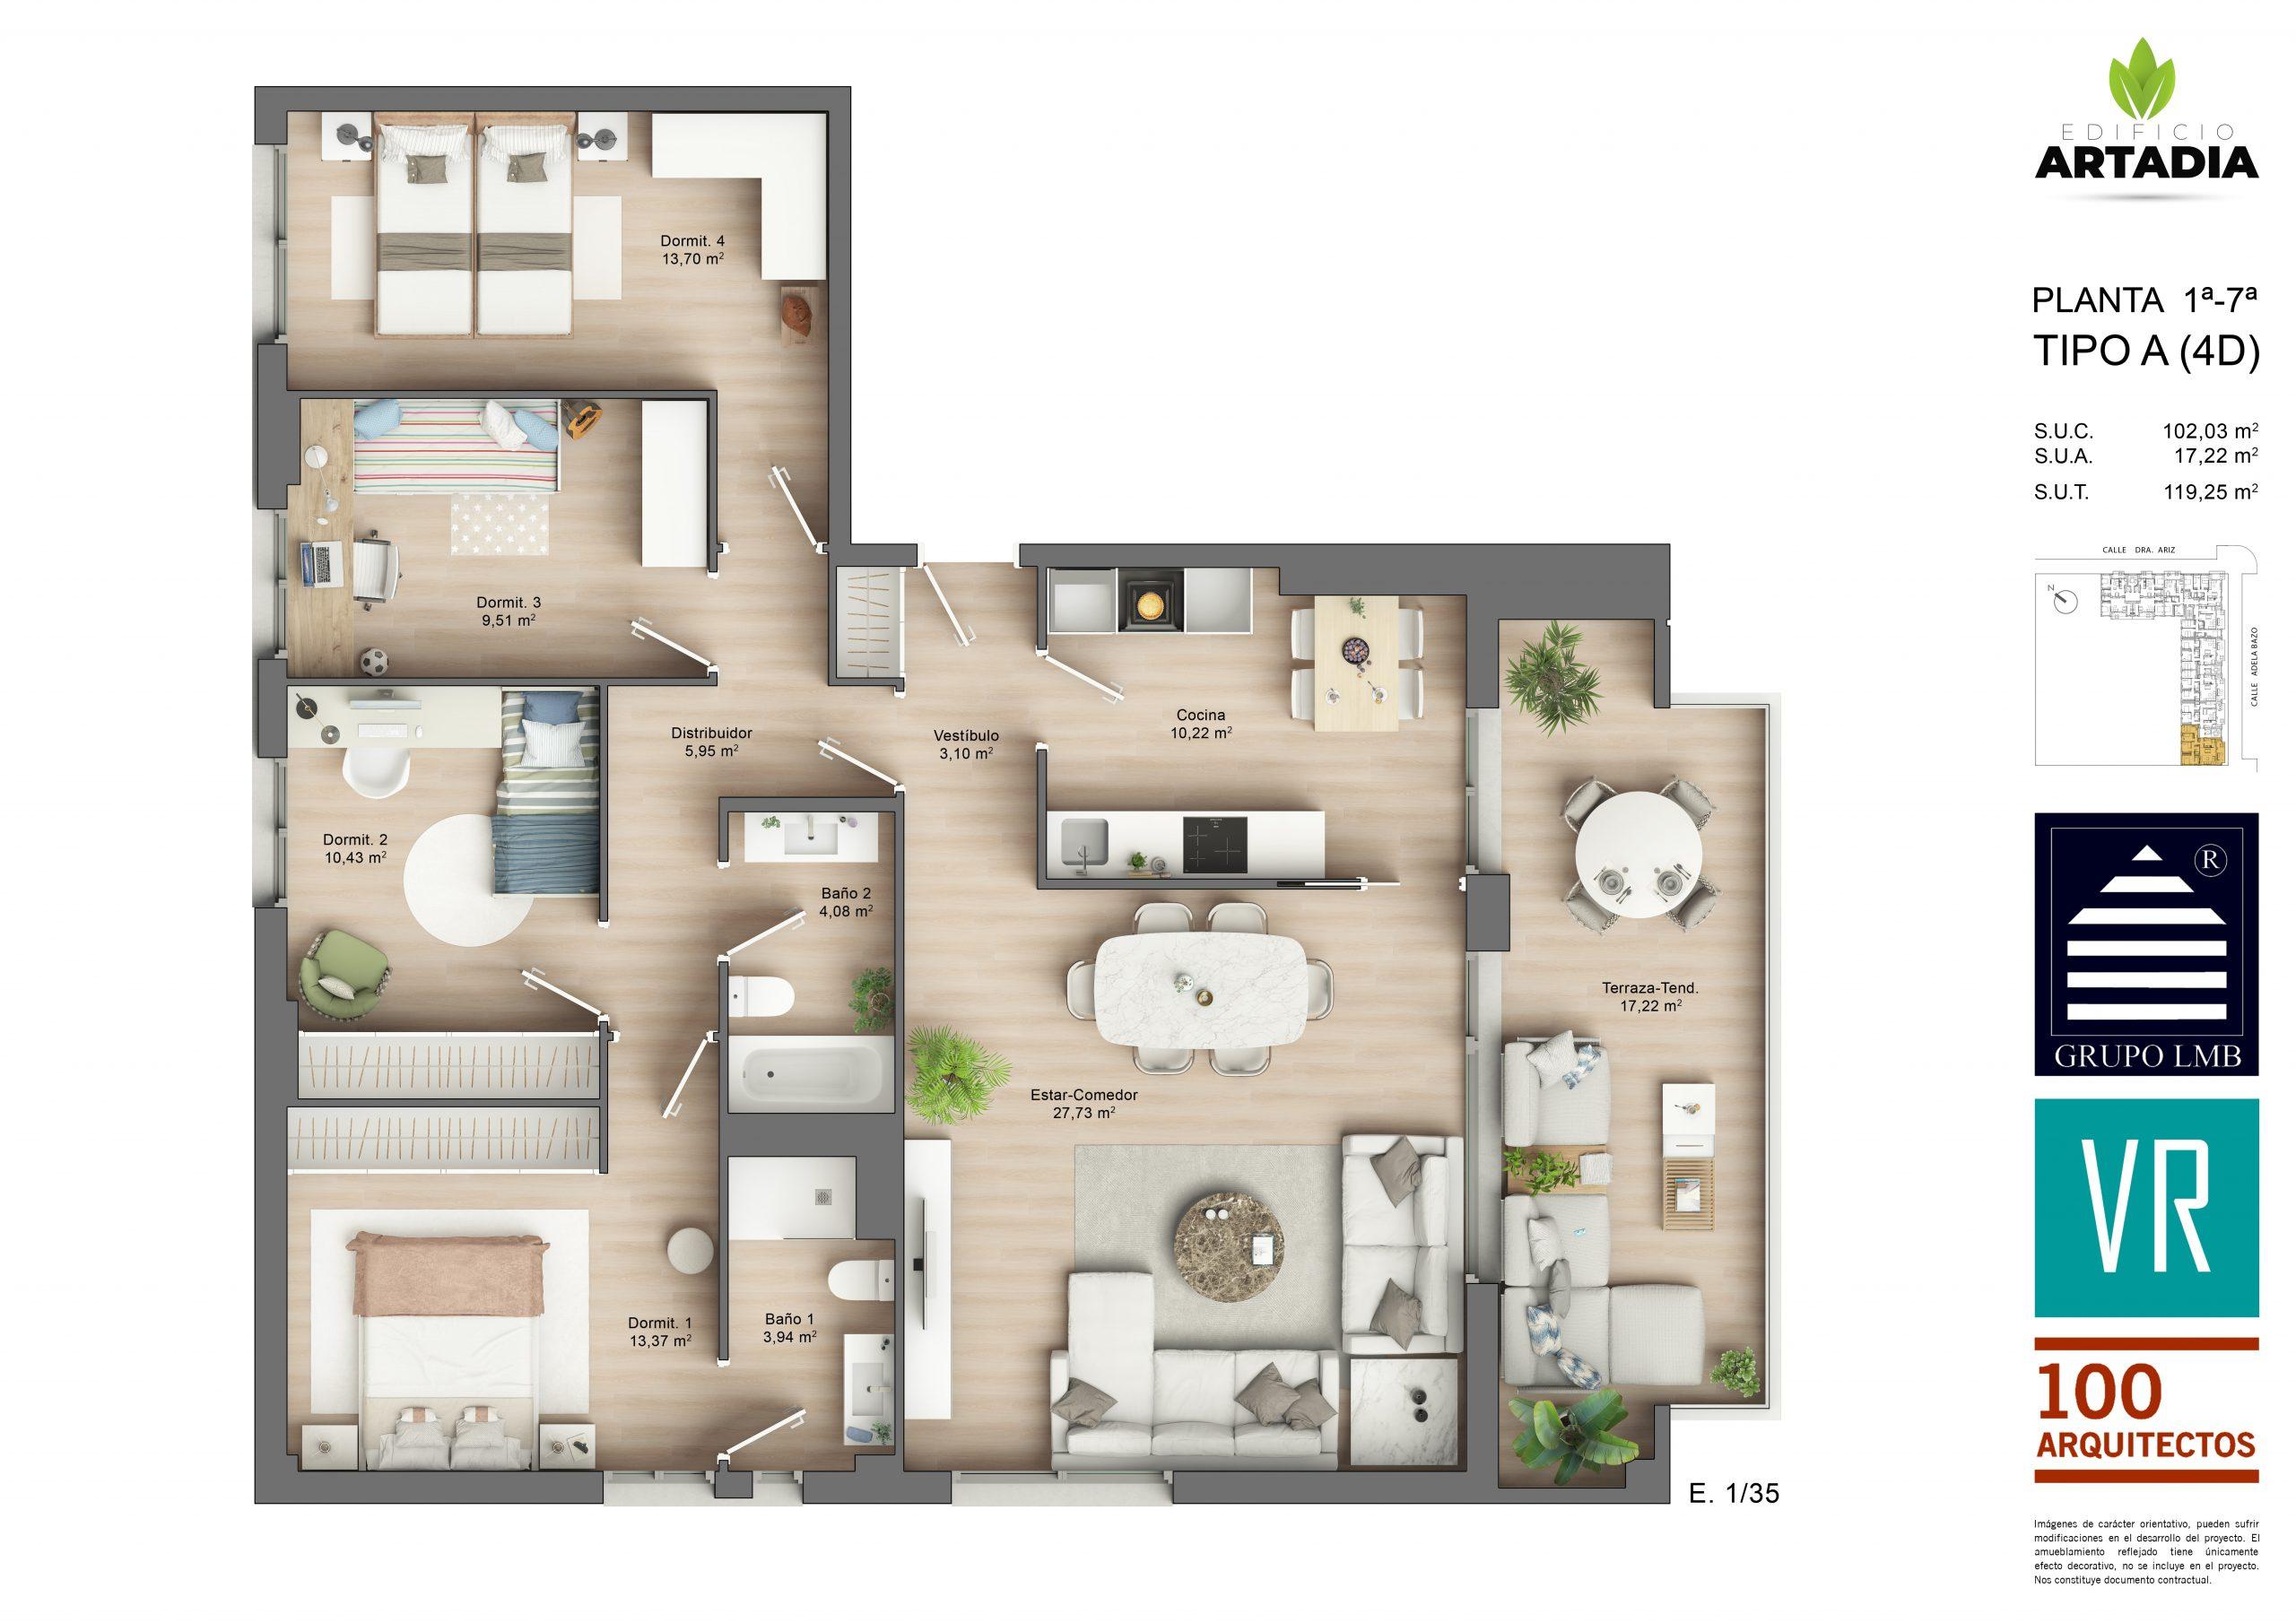 Vivienda de 4 dormitorios